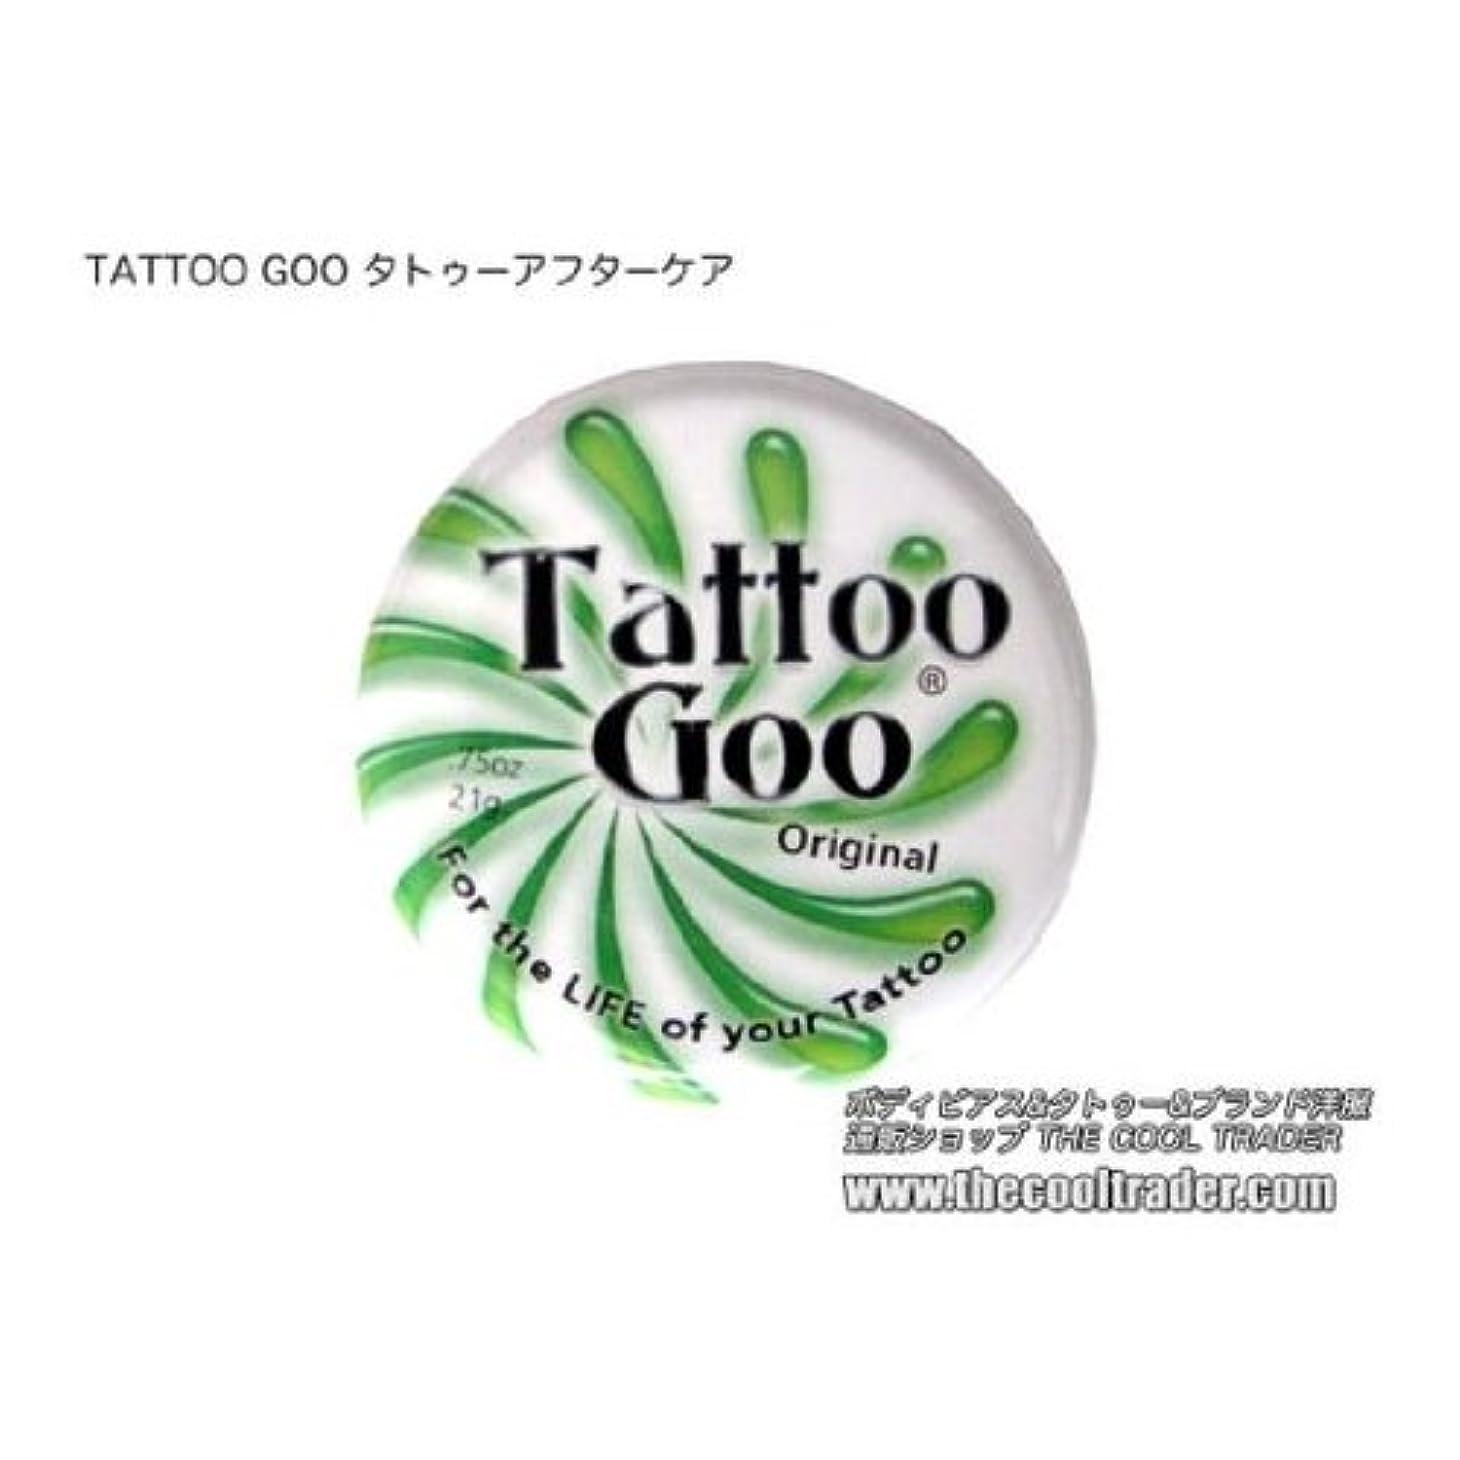 注意奪う明日TATTOO GOO タトゥー&ボディピアス専用アフターケア 軟膏クリーム オリジナル